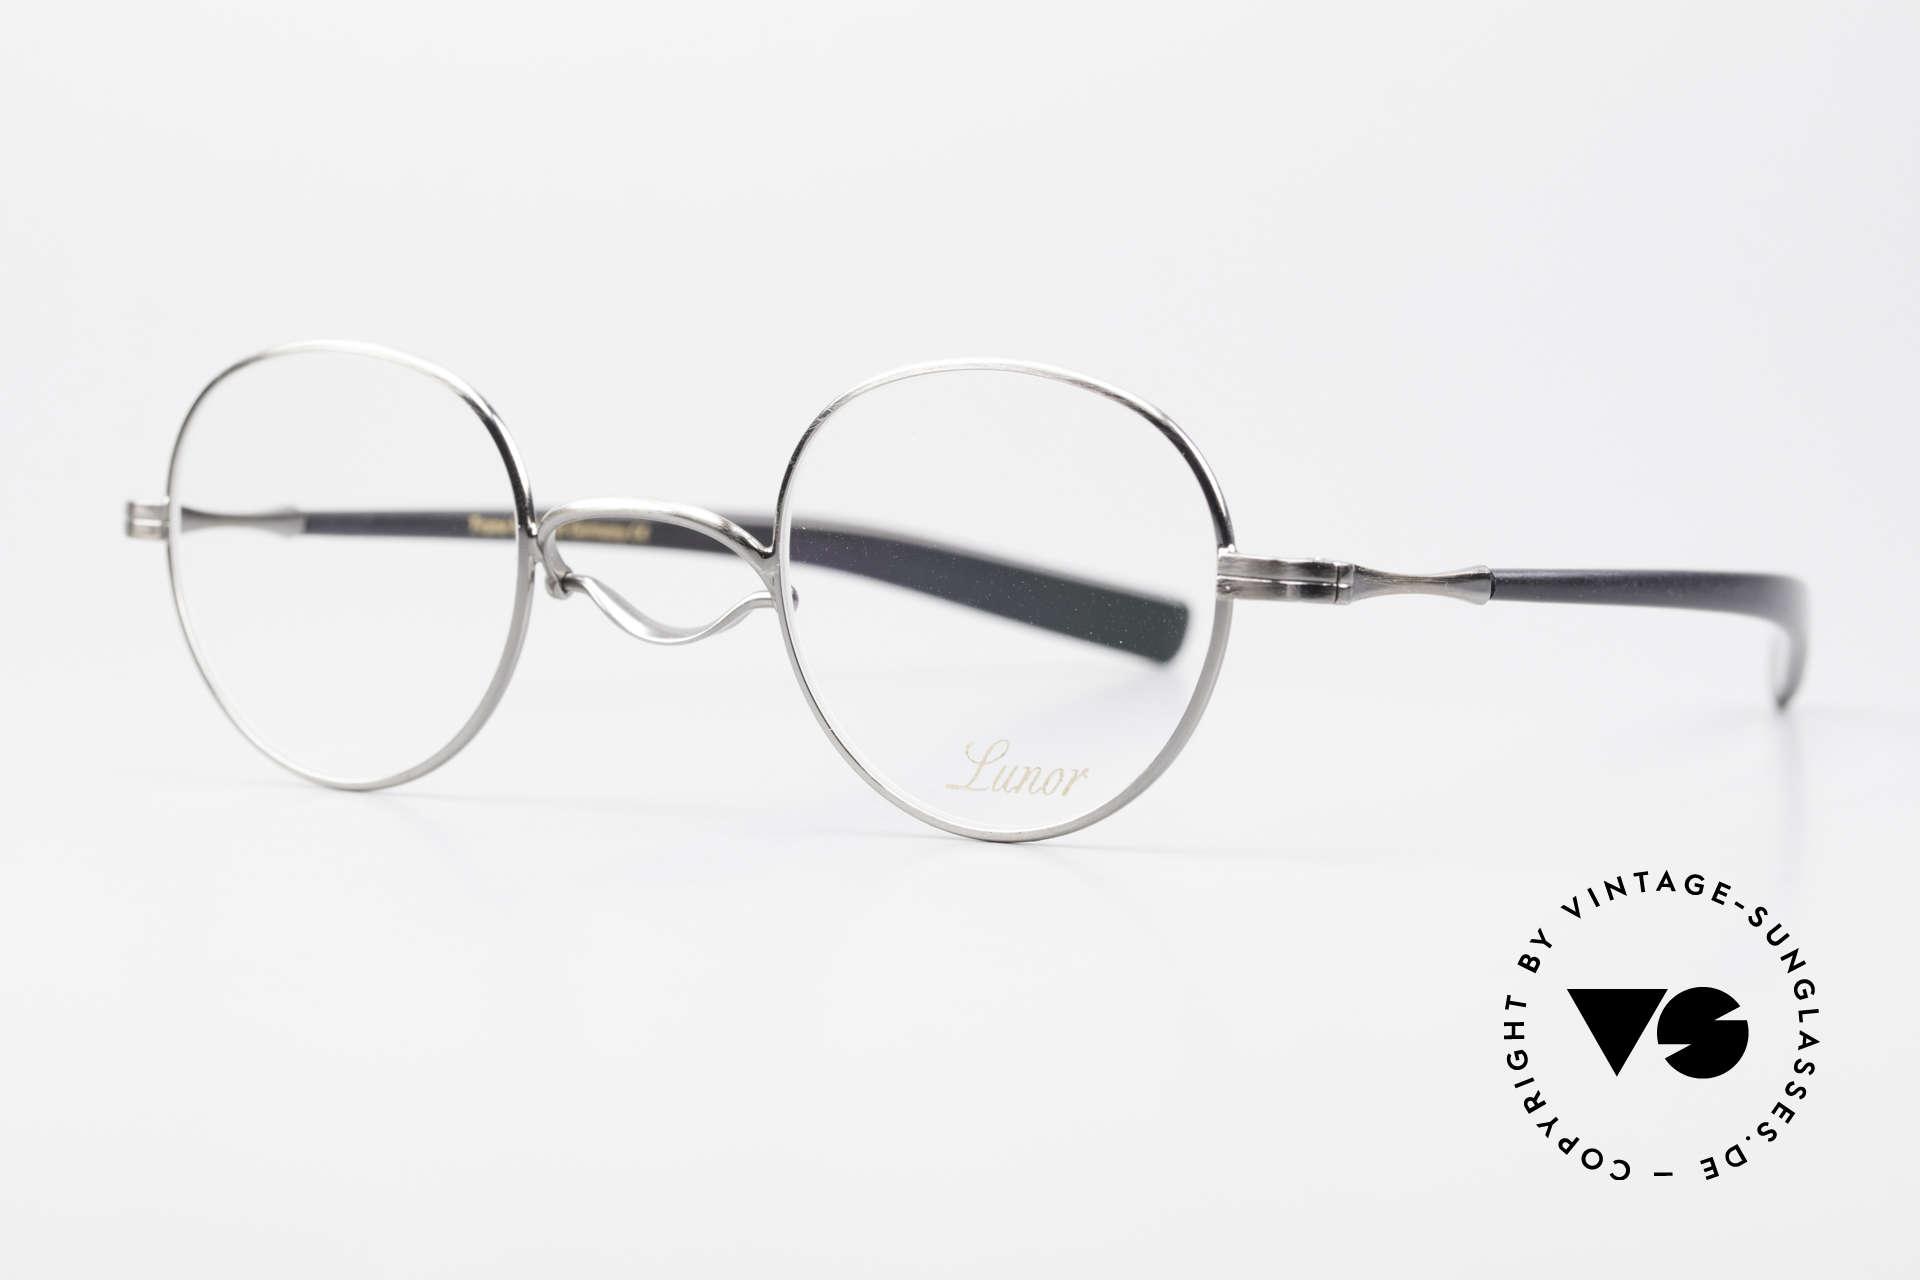 Lunor Swing A 32 Panto Rare Vintage Lunor Brille AS, Schwenksteg: Hommage an die Brillen von ca. 1900, Passend für Herren und Damen